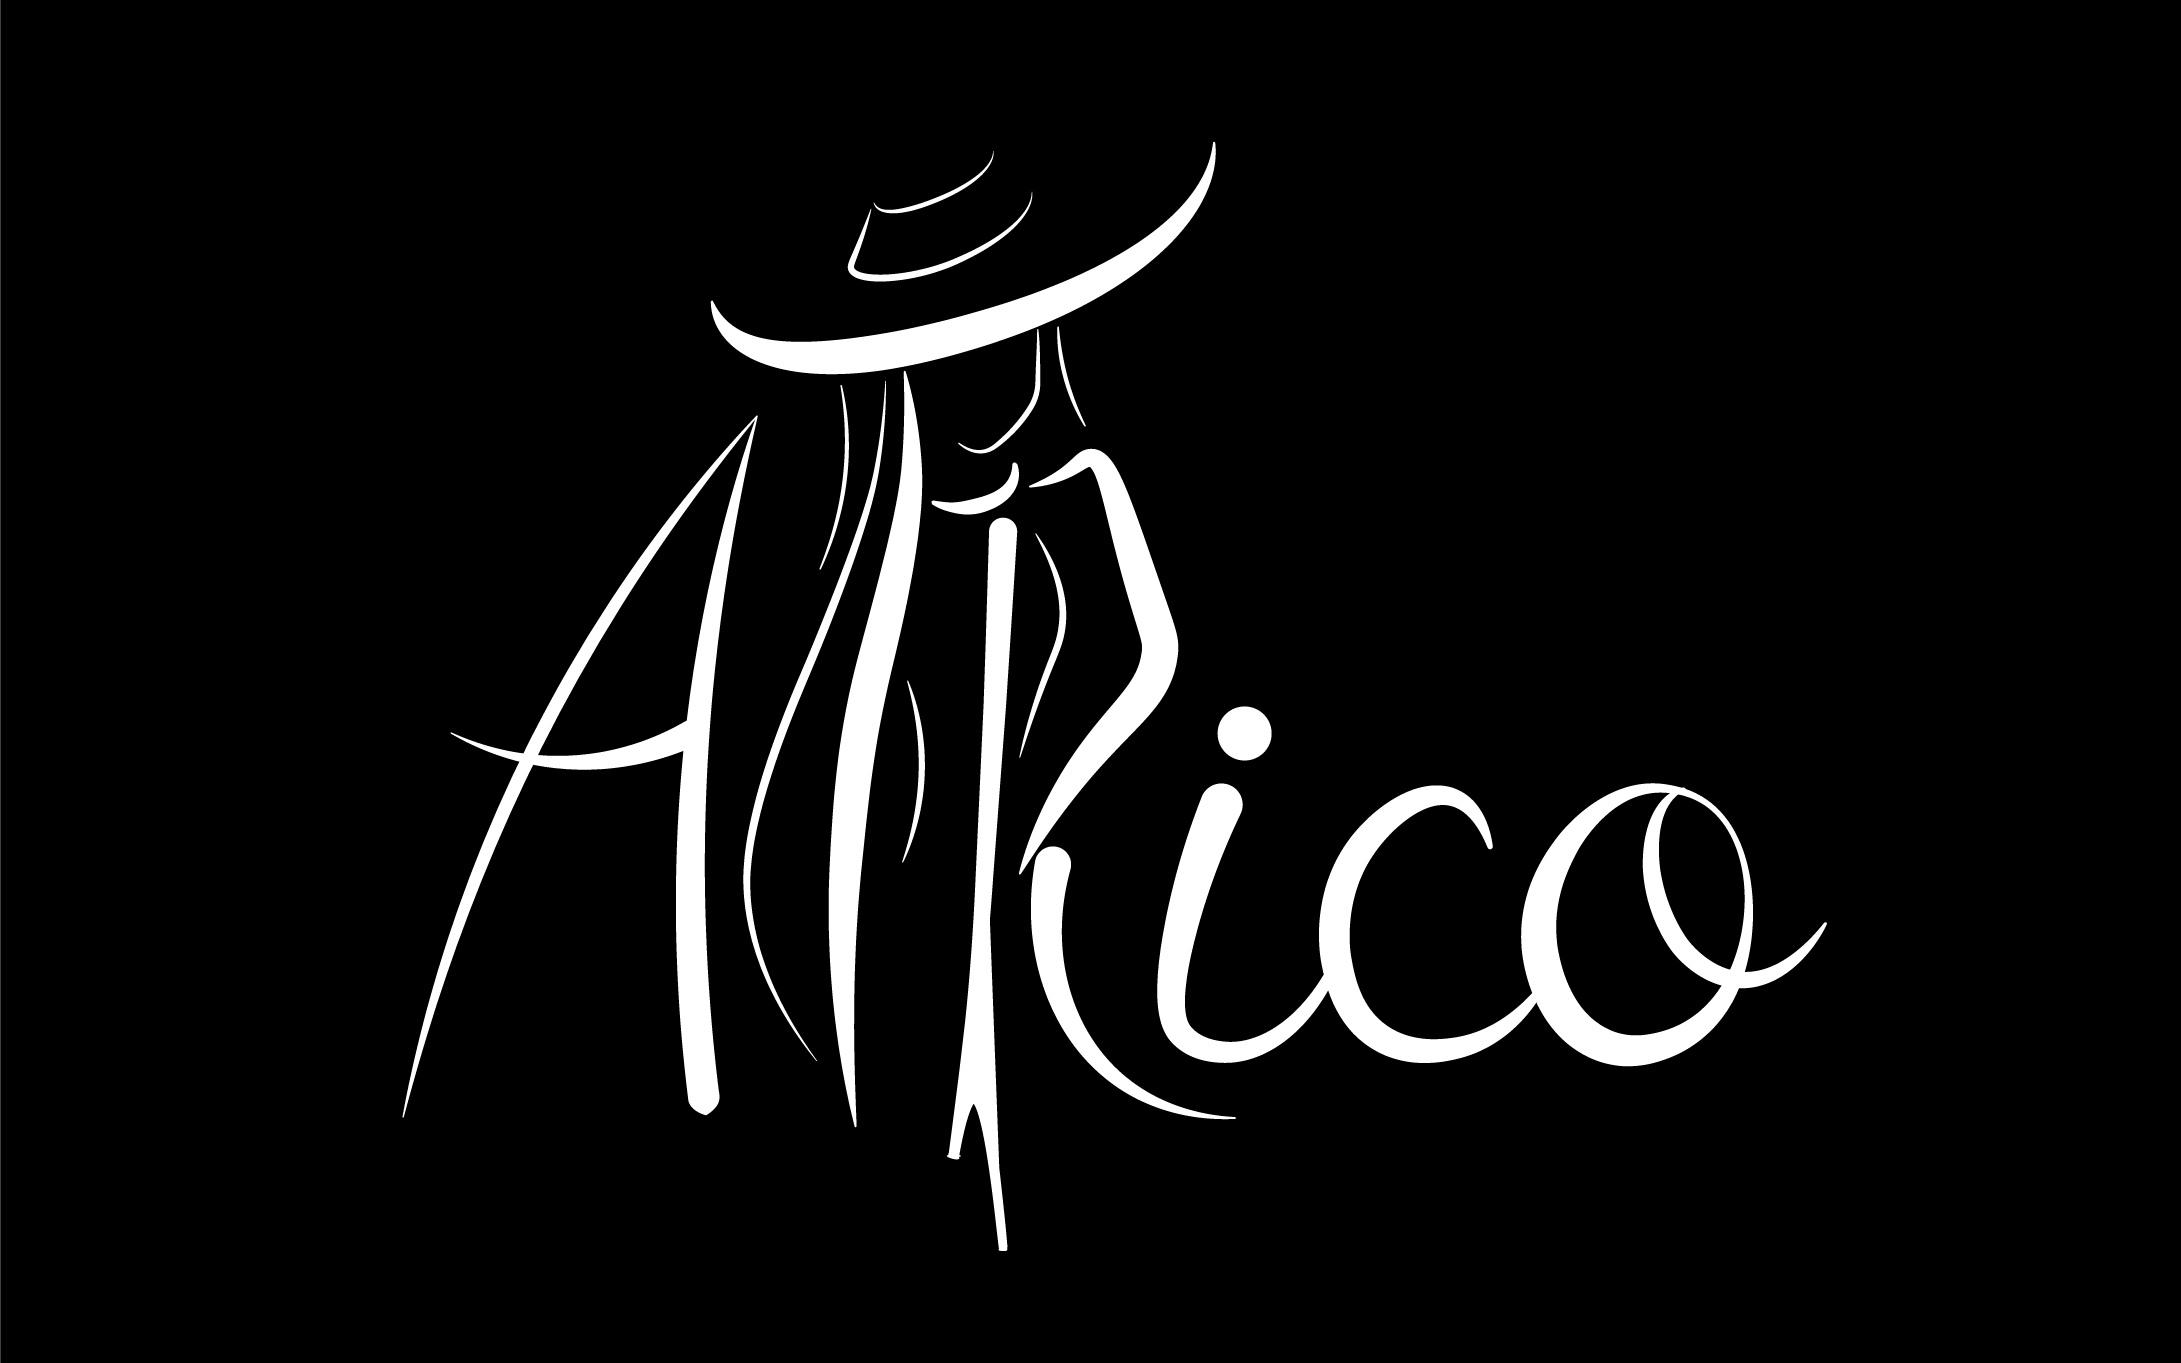 Логотип для брендовой пряжи и трикотажной одежды фото f_902600744a698b9f.jpg